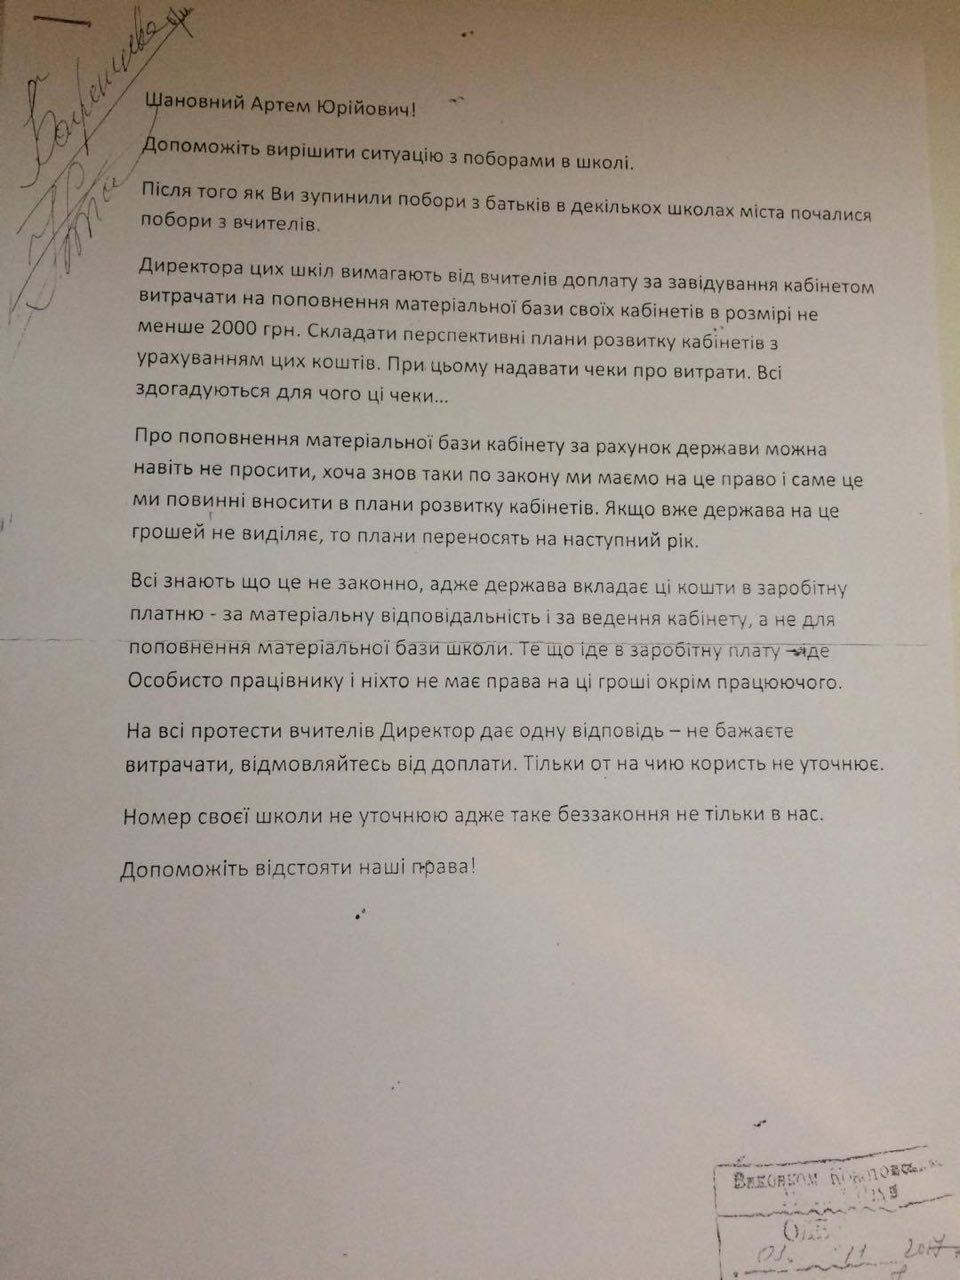 Мер Артем Семеніхін заборонив побори з вчителів, фото-3